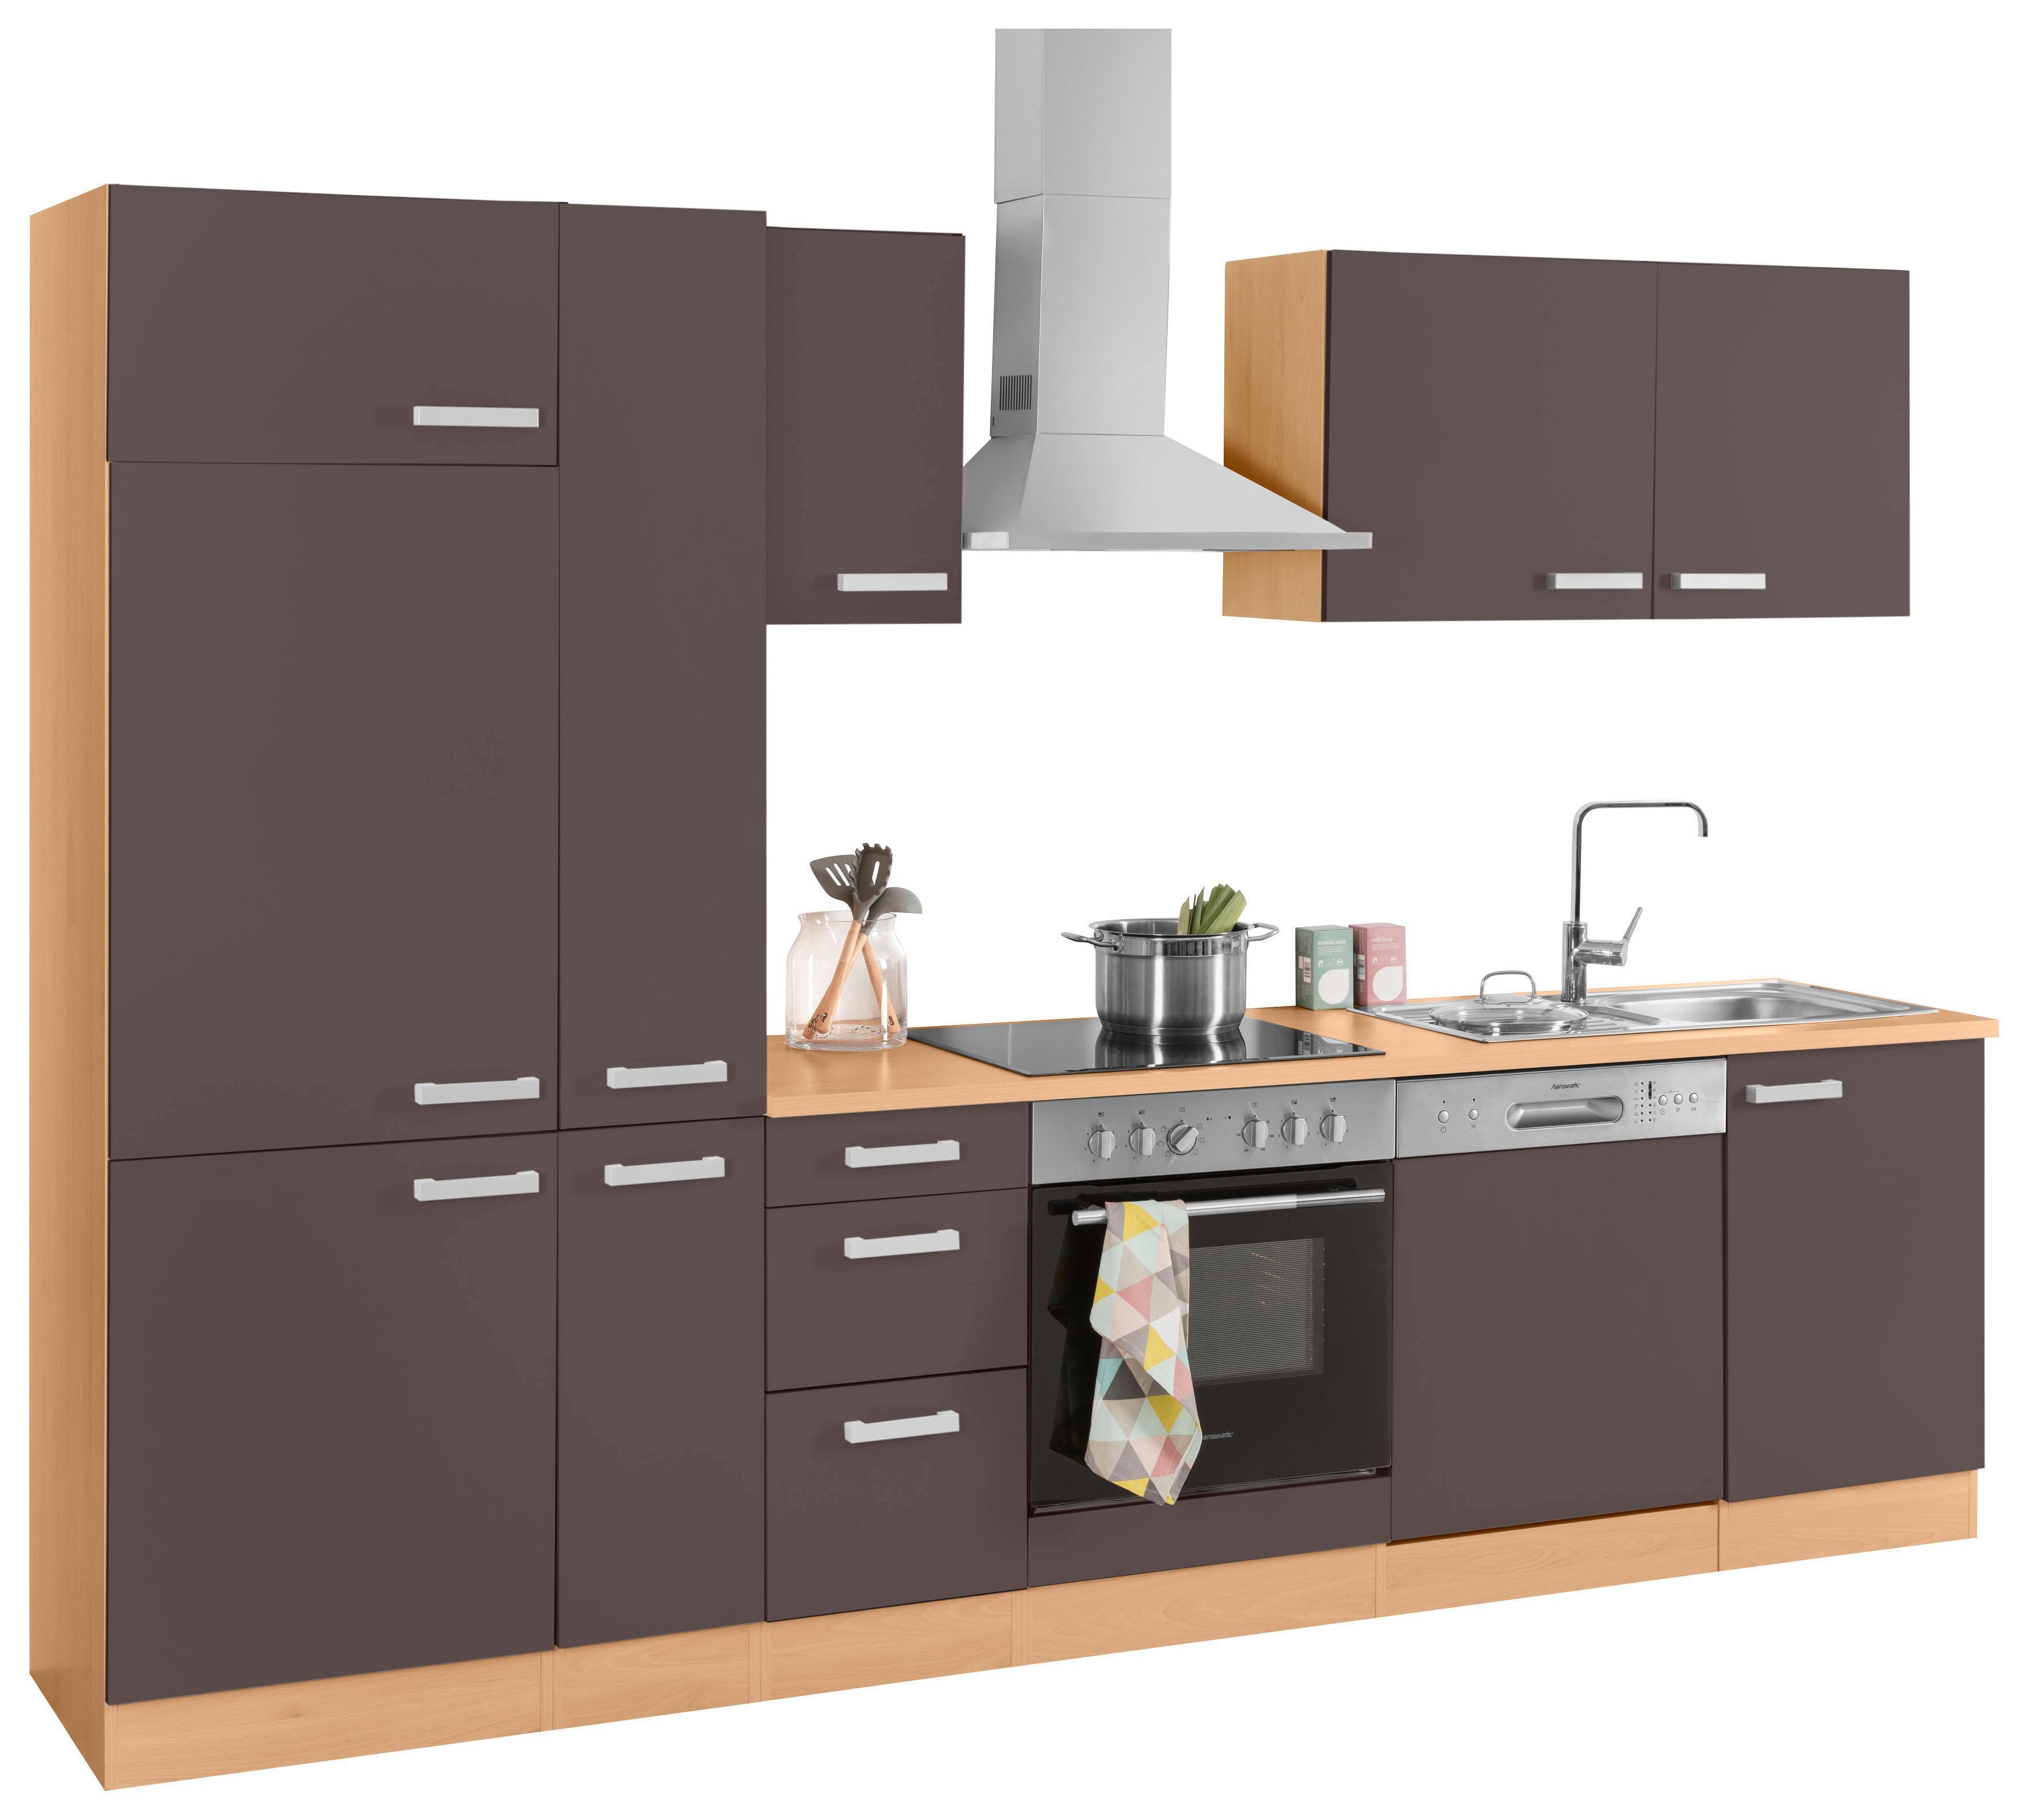 OPTIFIT Küchenzeile »Odense«, Breite 300 cm, inkl. Hanseatic-Elektrogeräten | Küche und Esszimmer > Küchen > Küchenzeilen | OPTIFIT